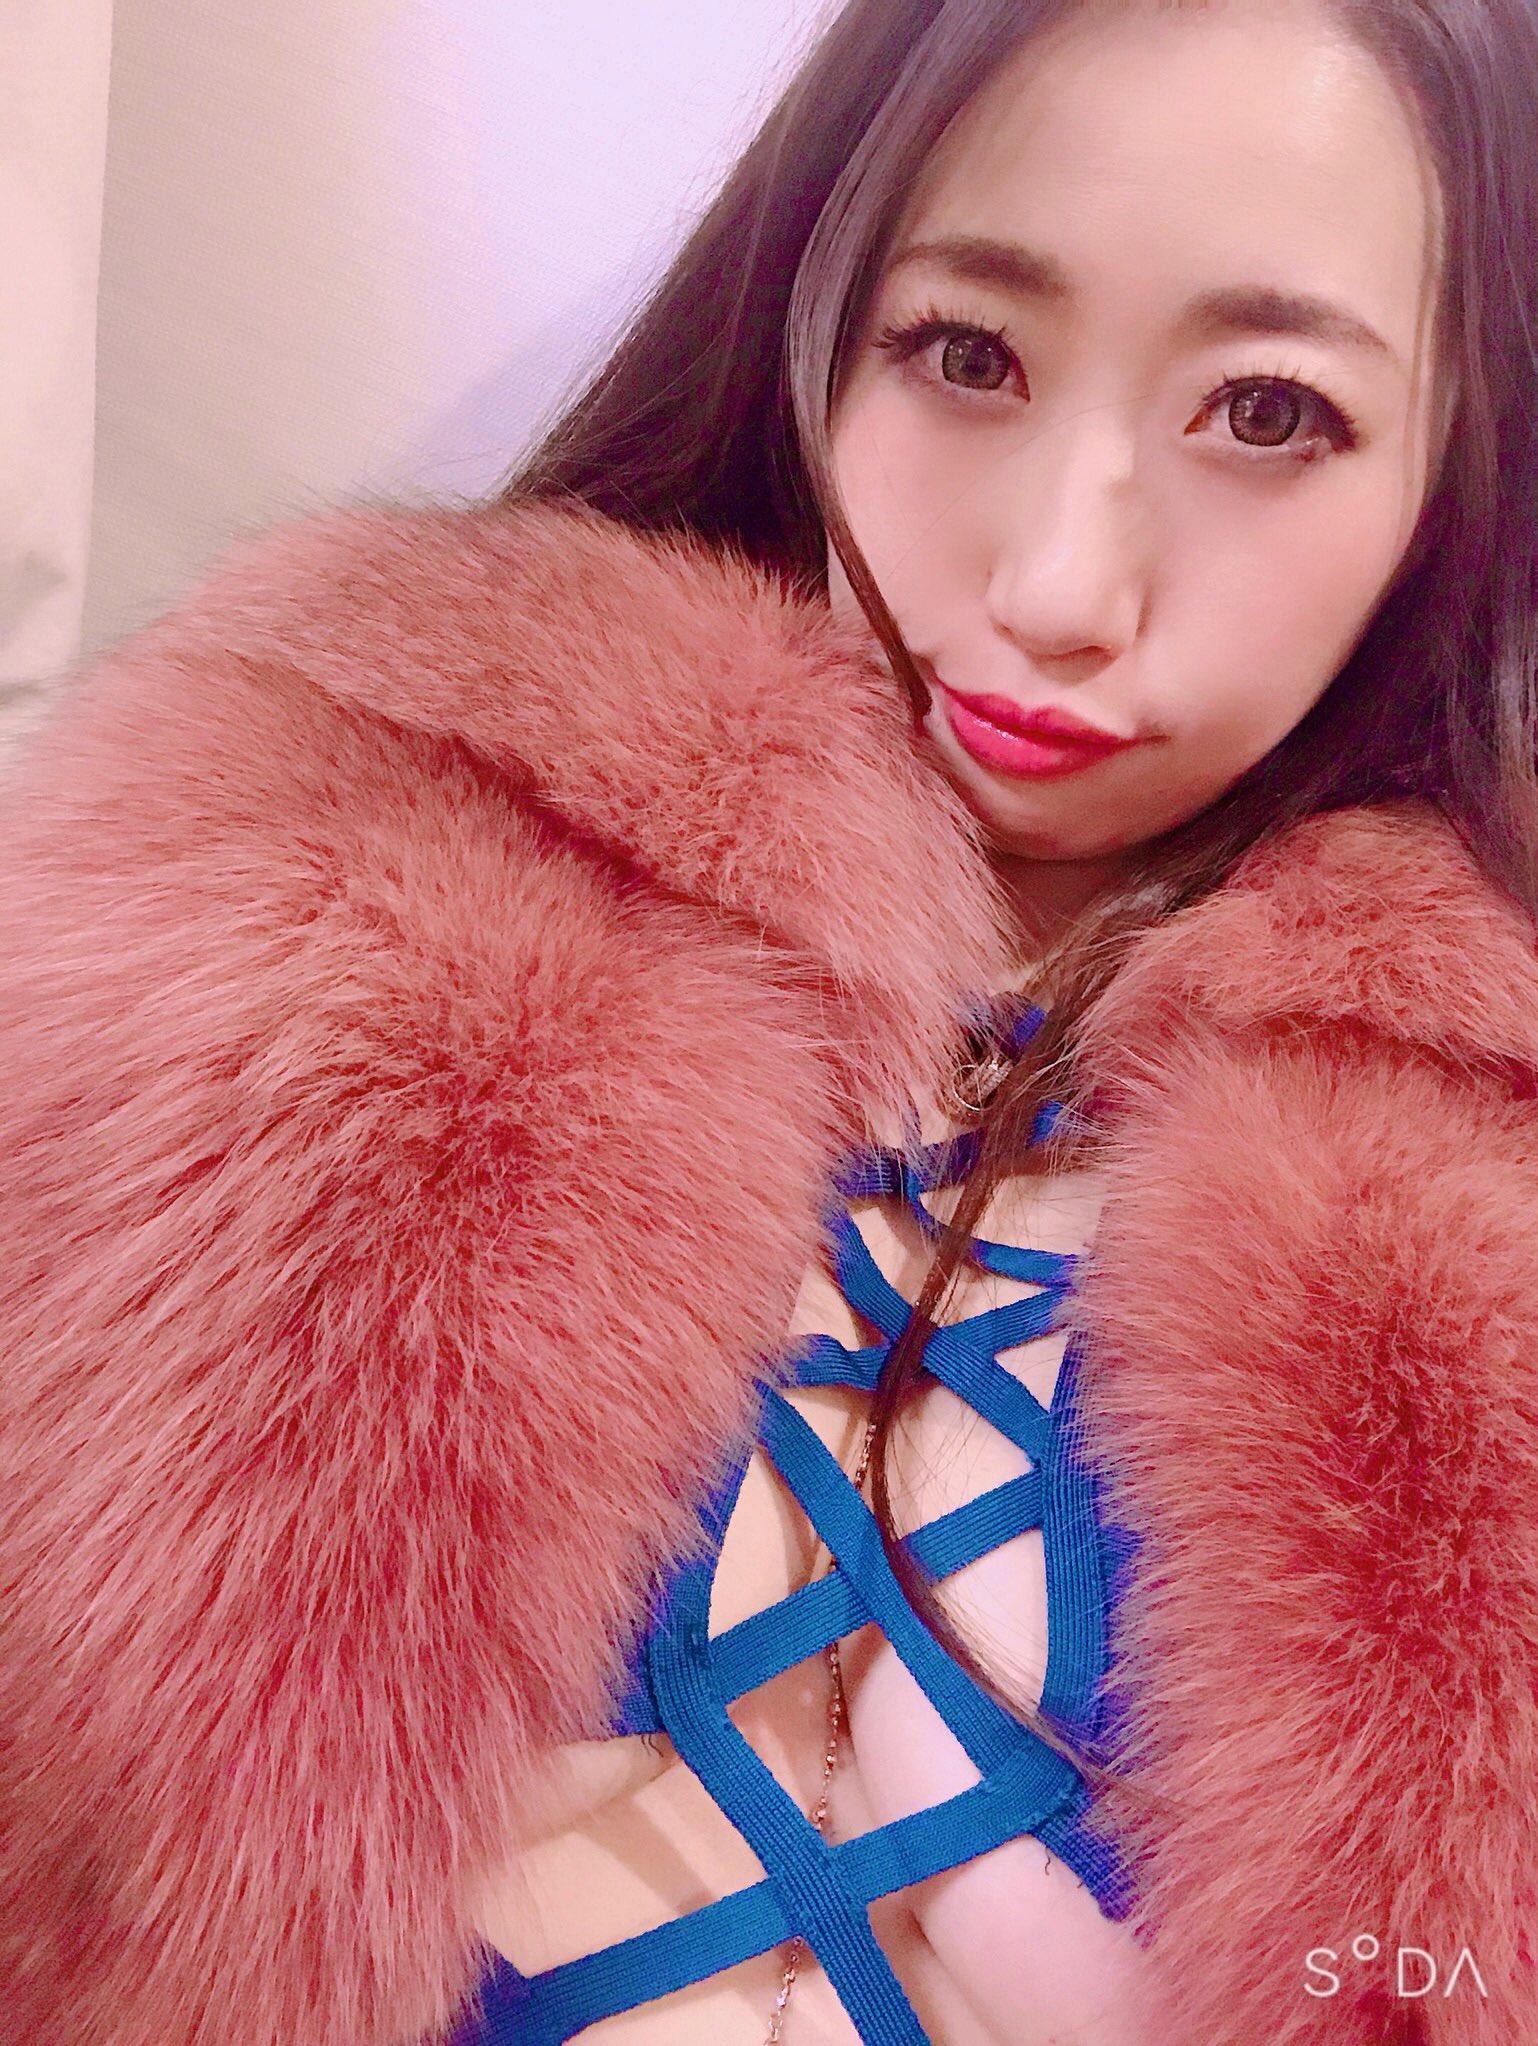 【鈴香音色エロ画像】今はダンスでJカップぶん回し中な爆乳ギャル・鈴香音色!